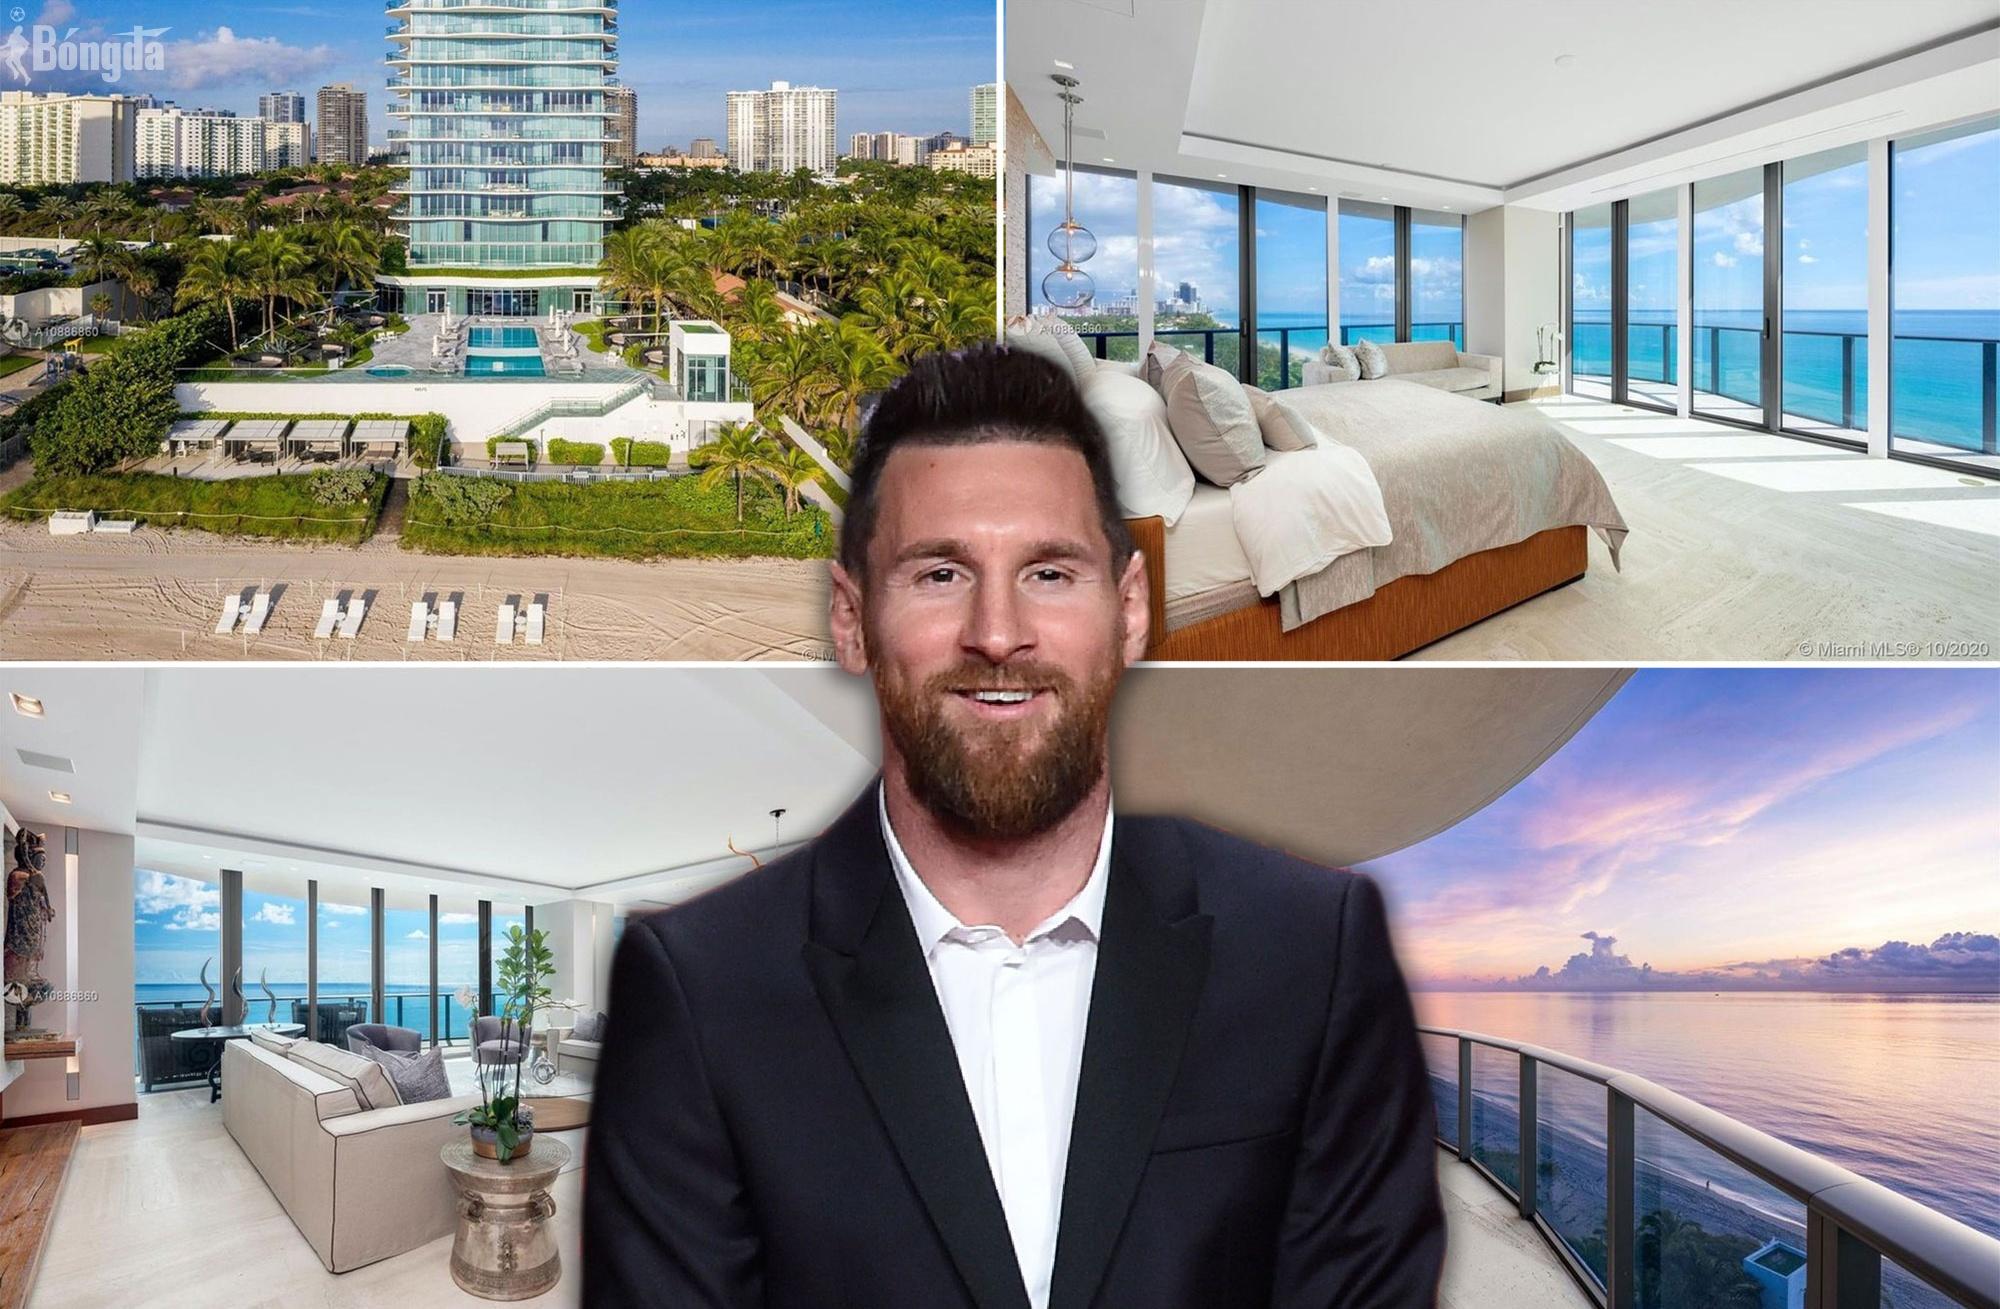 Nhà Messi ở Miami hoành tráng như thế nào khi về dưỡng già ở MLS?